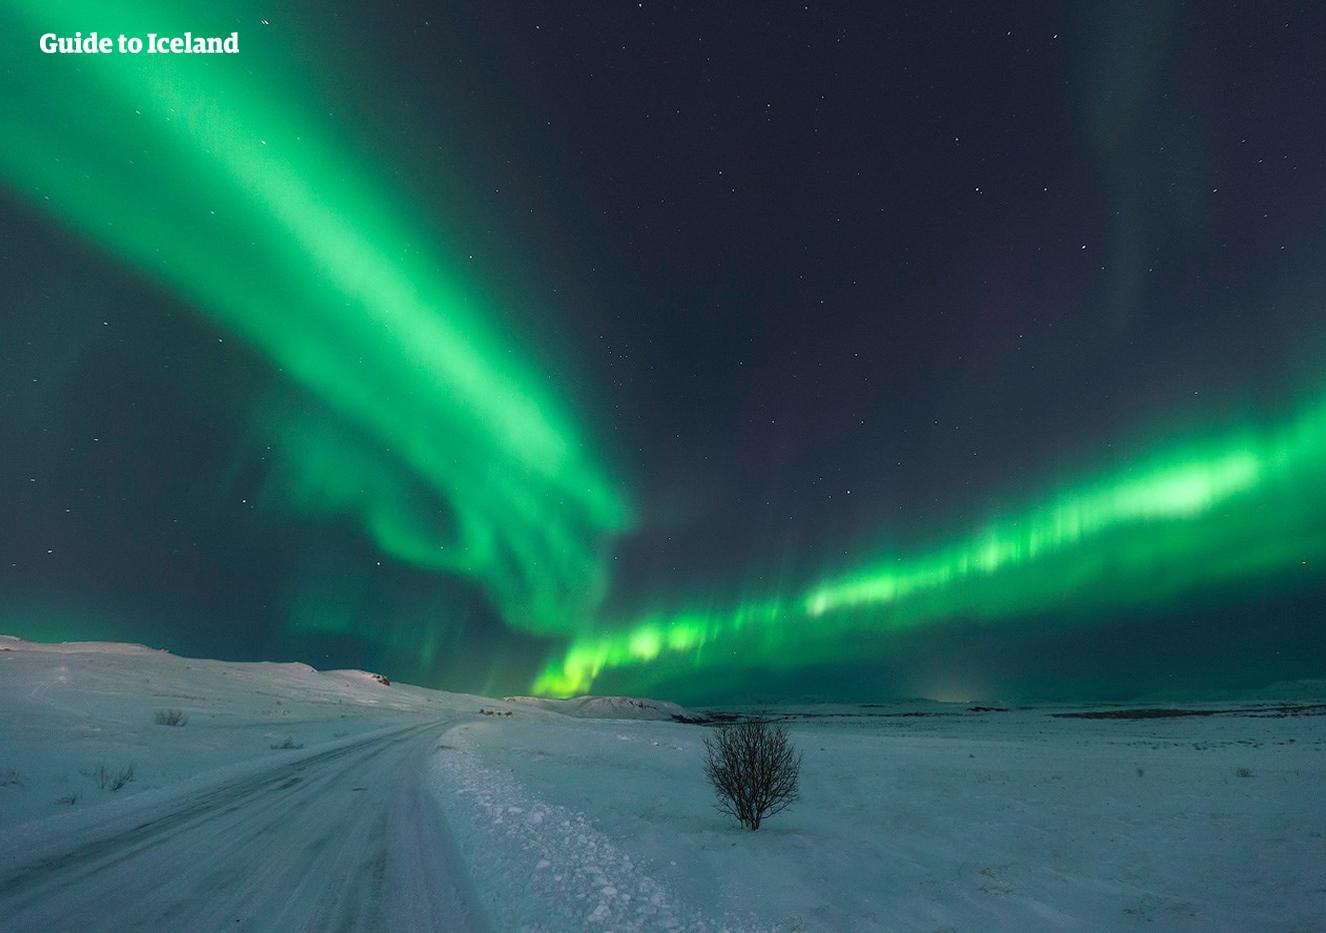 8-daagse autorondreis in de winter | Noorderlicht en ijsgrotten